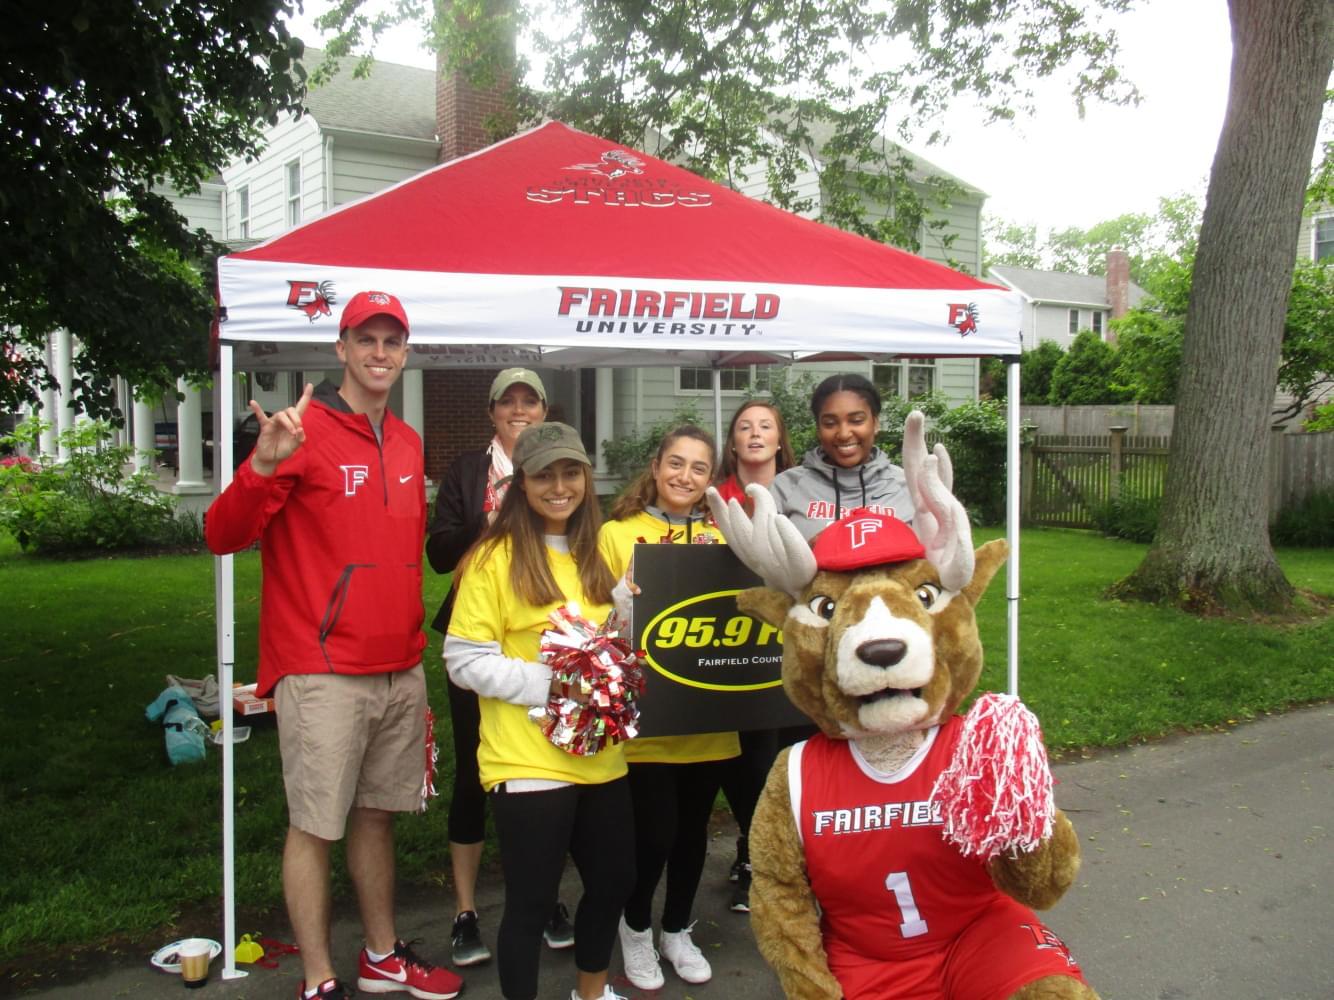 Fairfield Half Marathon with Fairfield University